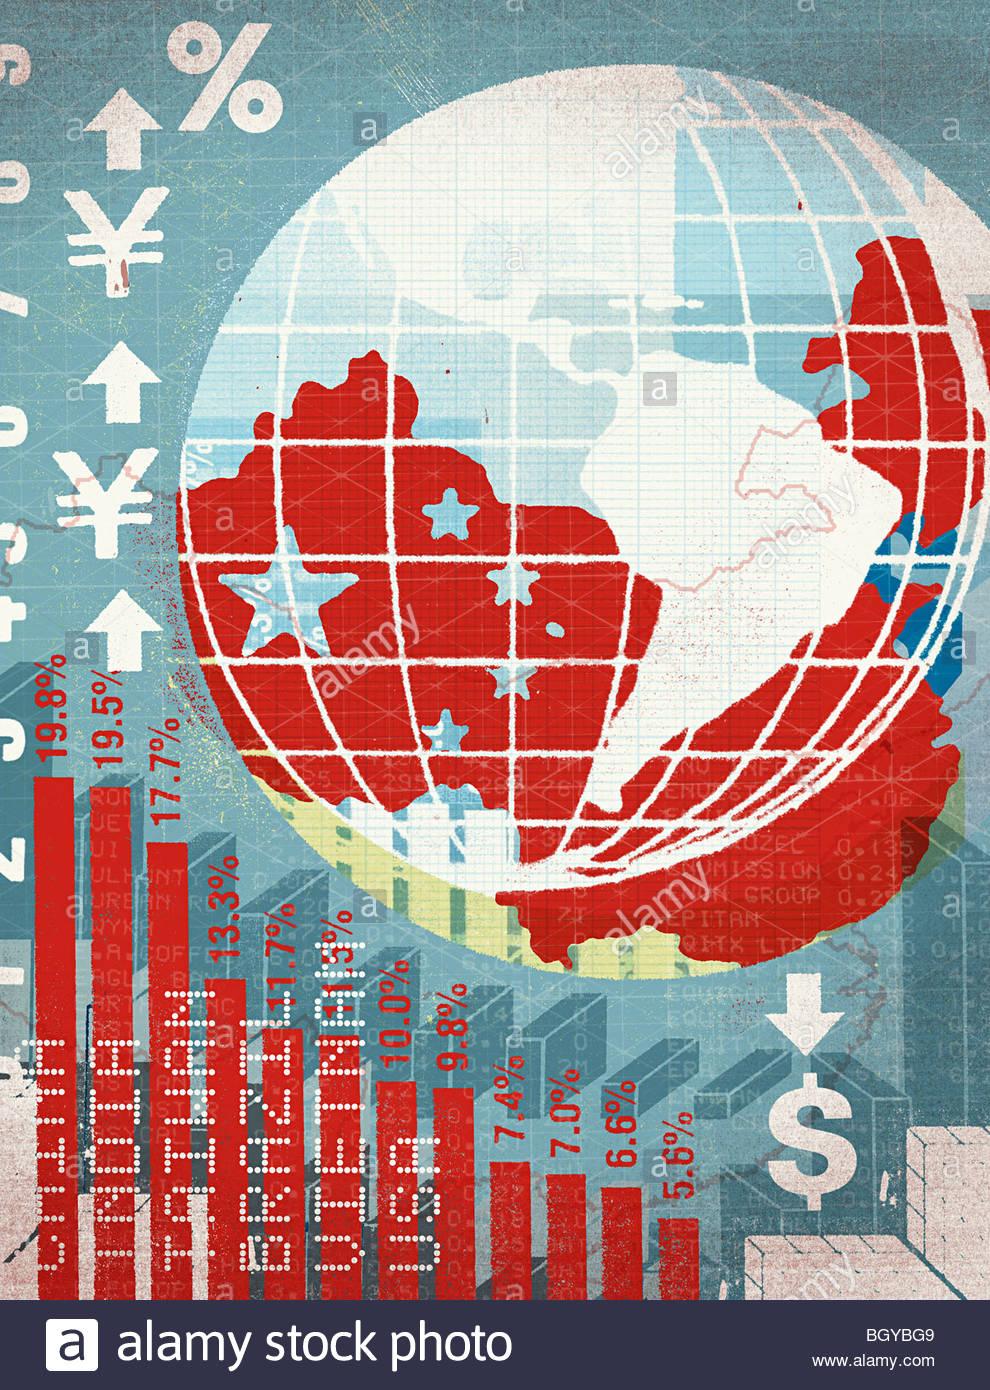 Globo e internazionale, grafico finanziario Immagini Stock